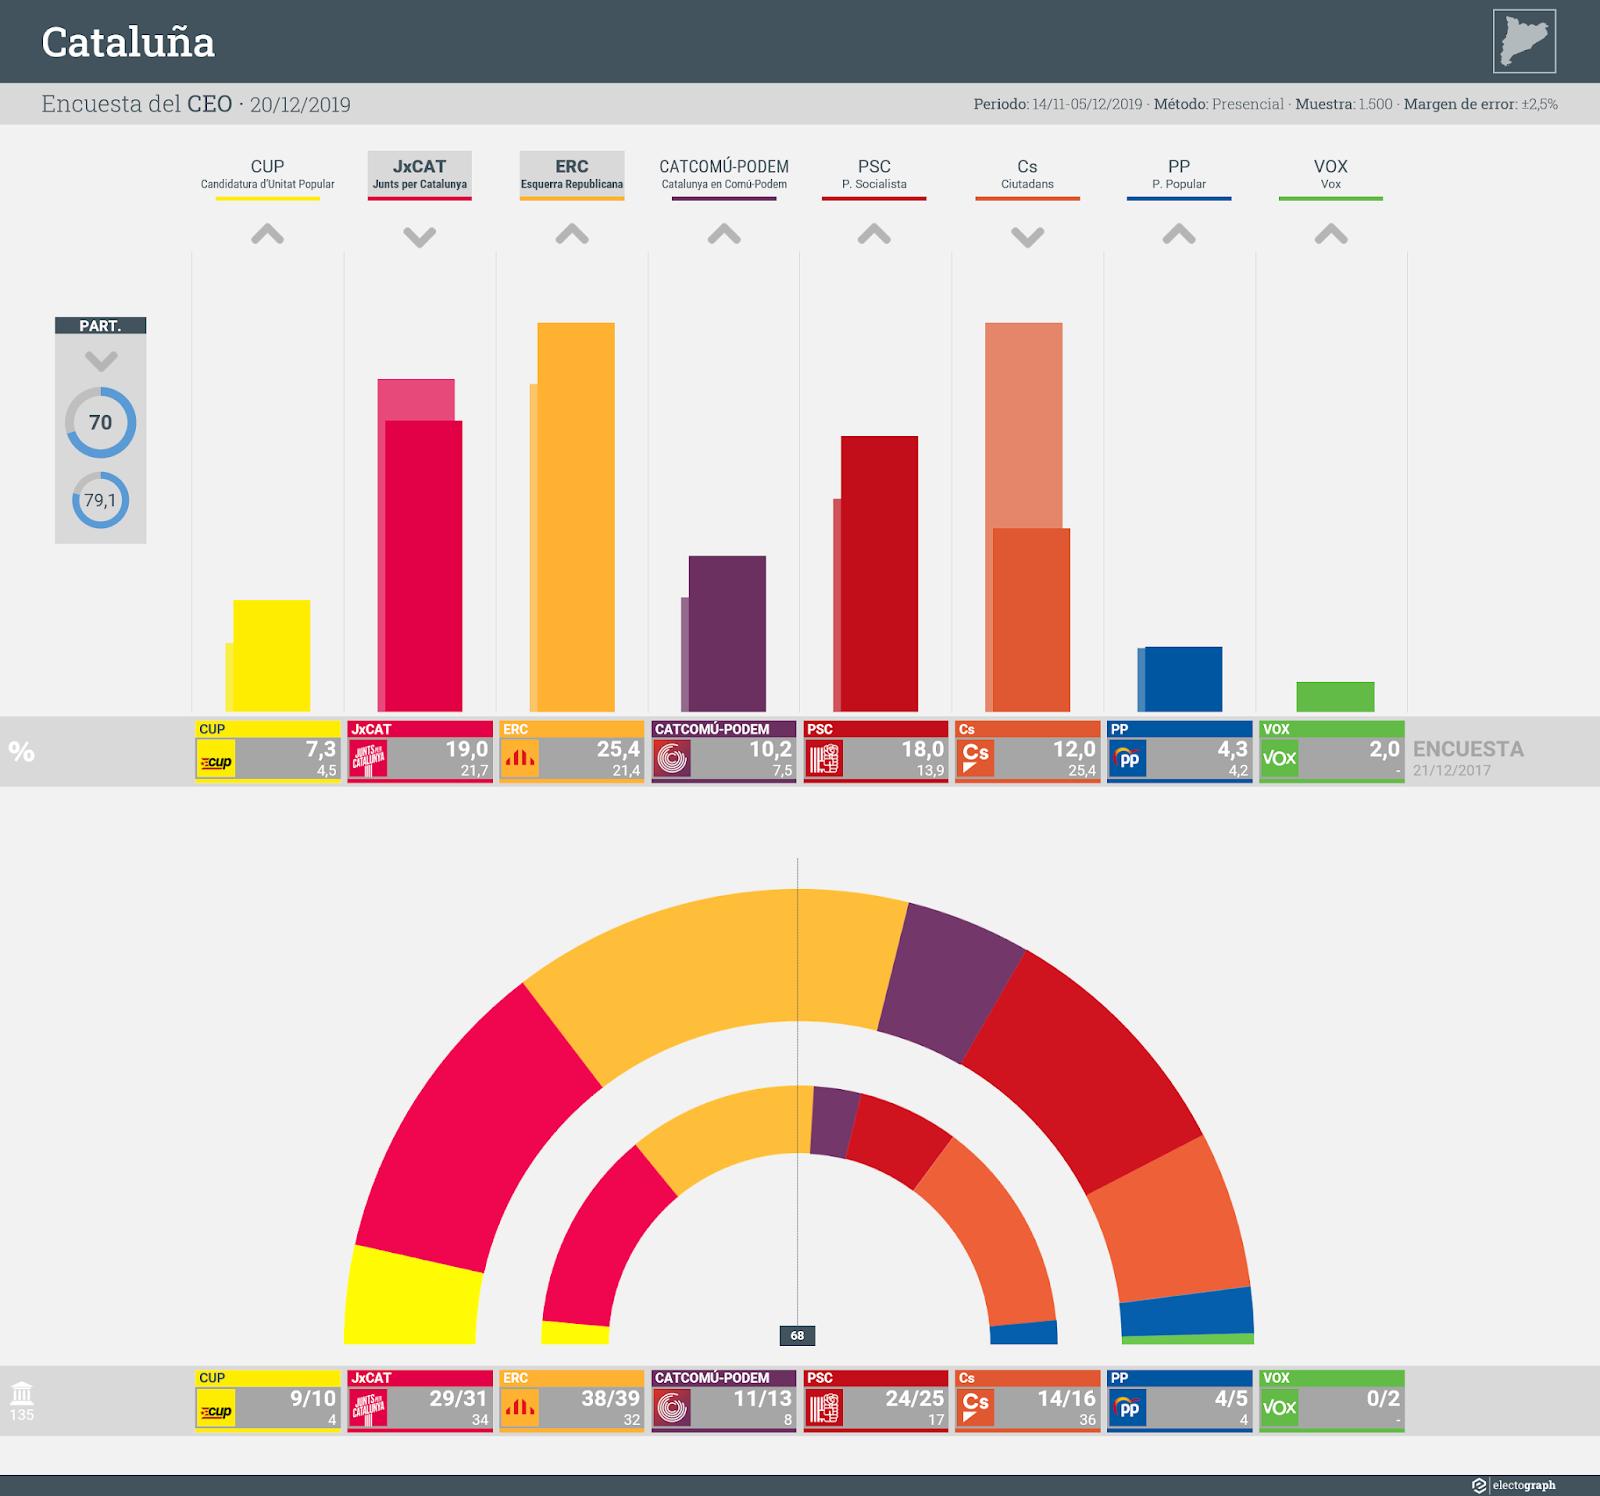 Gráfico de la encuesta para elecciones generales en Cataluña realizada por el CEO, 20 de diciembre de 2019